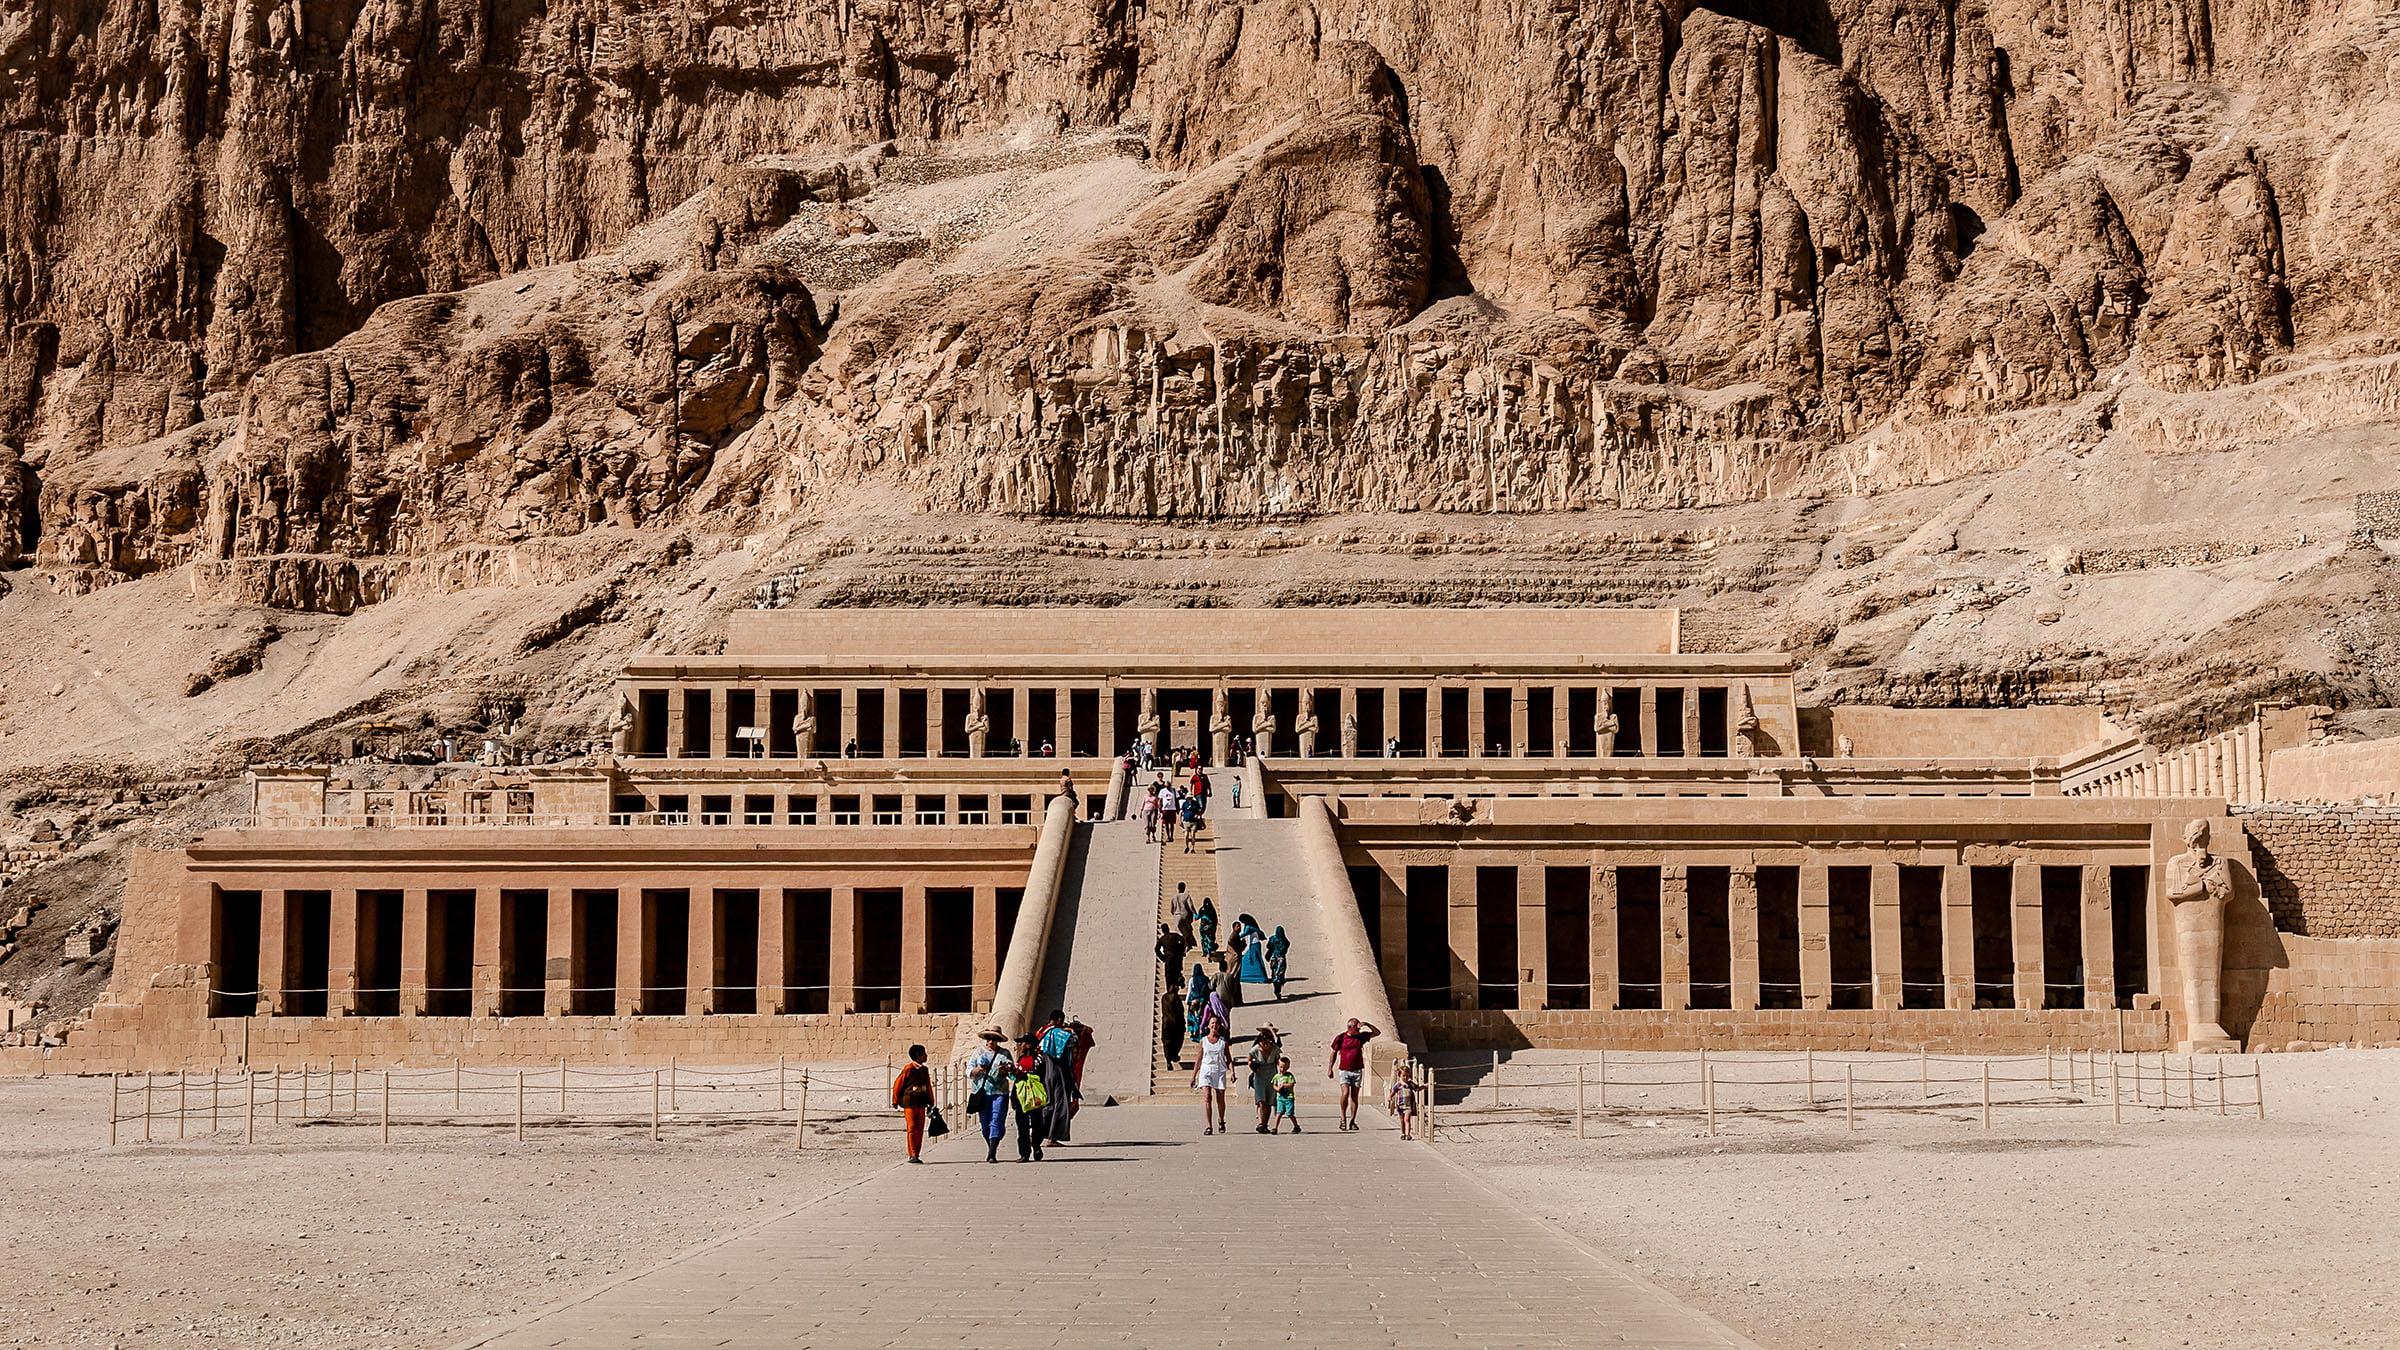 El templo de hatshepsut un ejemplo de arquitectura adintelada for Arquitectura egipcia